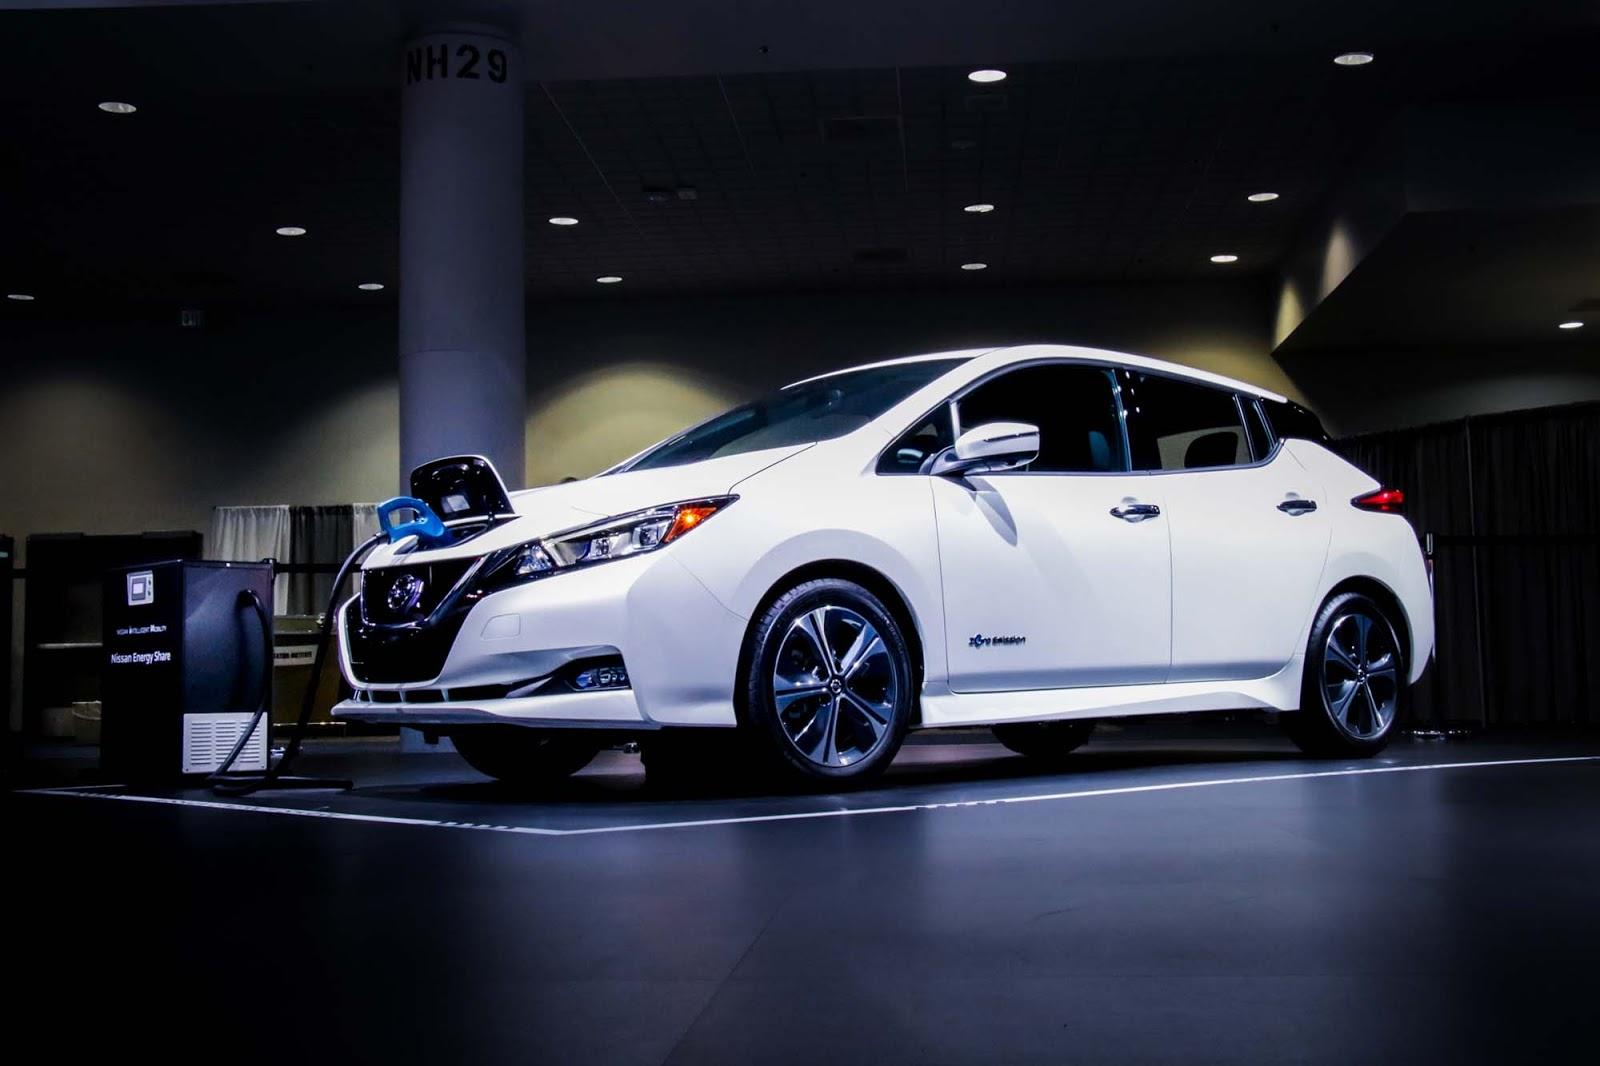 Nissan2BLEAF Πρωταθλητές οικονομίας 4 μοντέλα της Nissan Nissan, βραβείο, καινούργιο, καινούρια, καινούριο, κατανάλωση